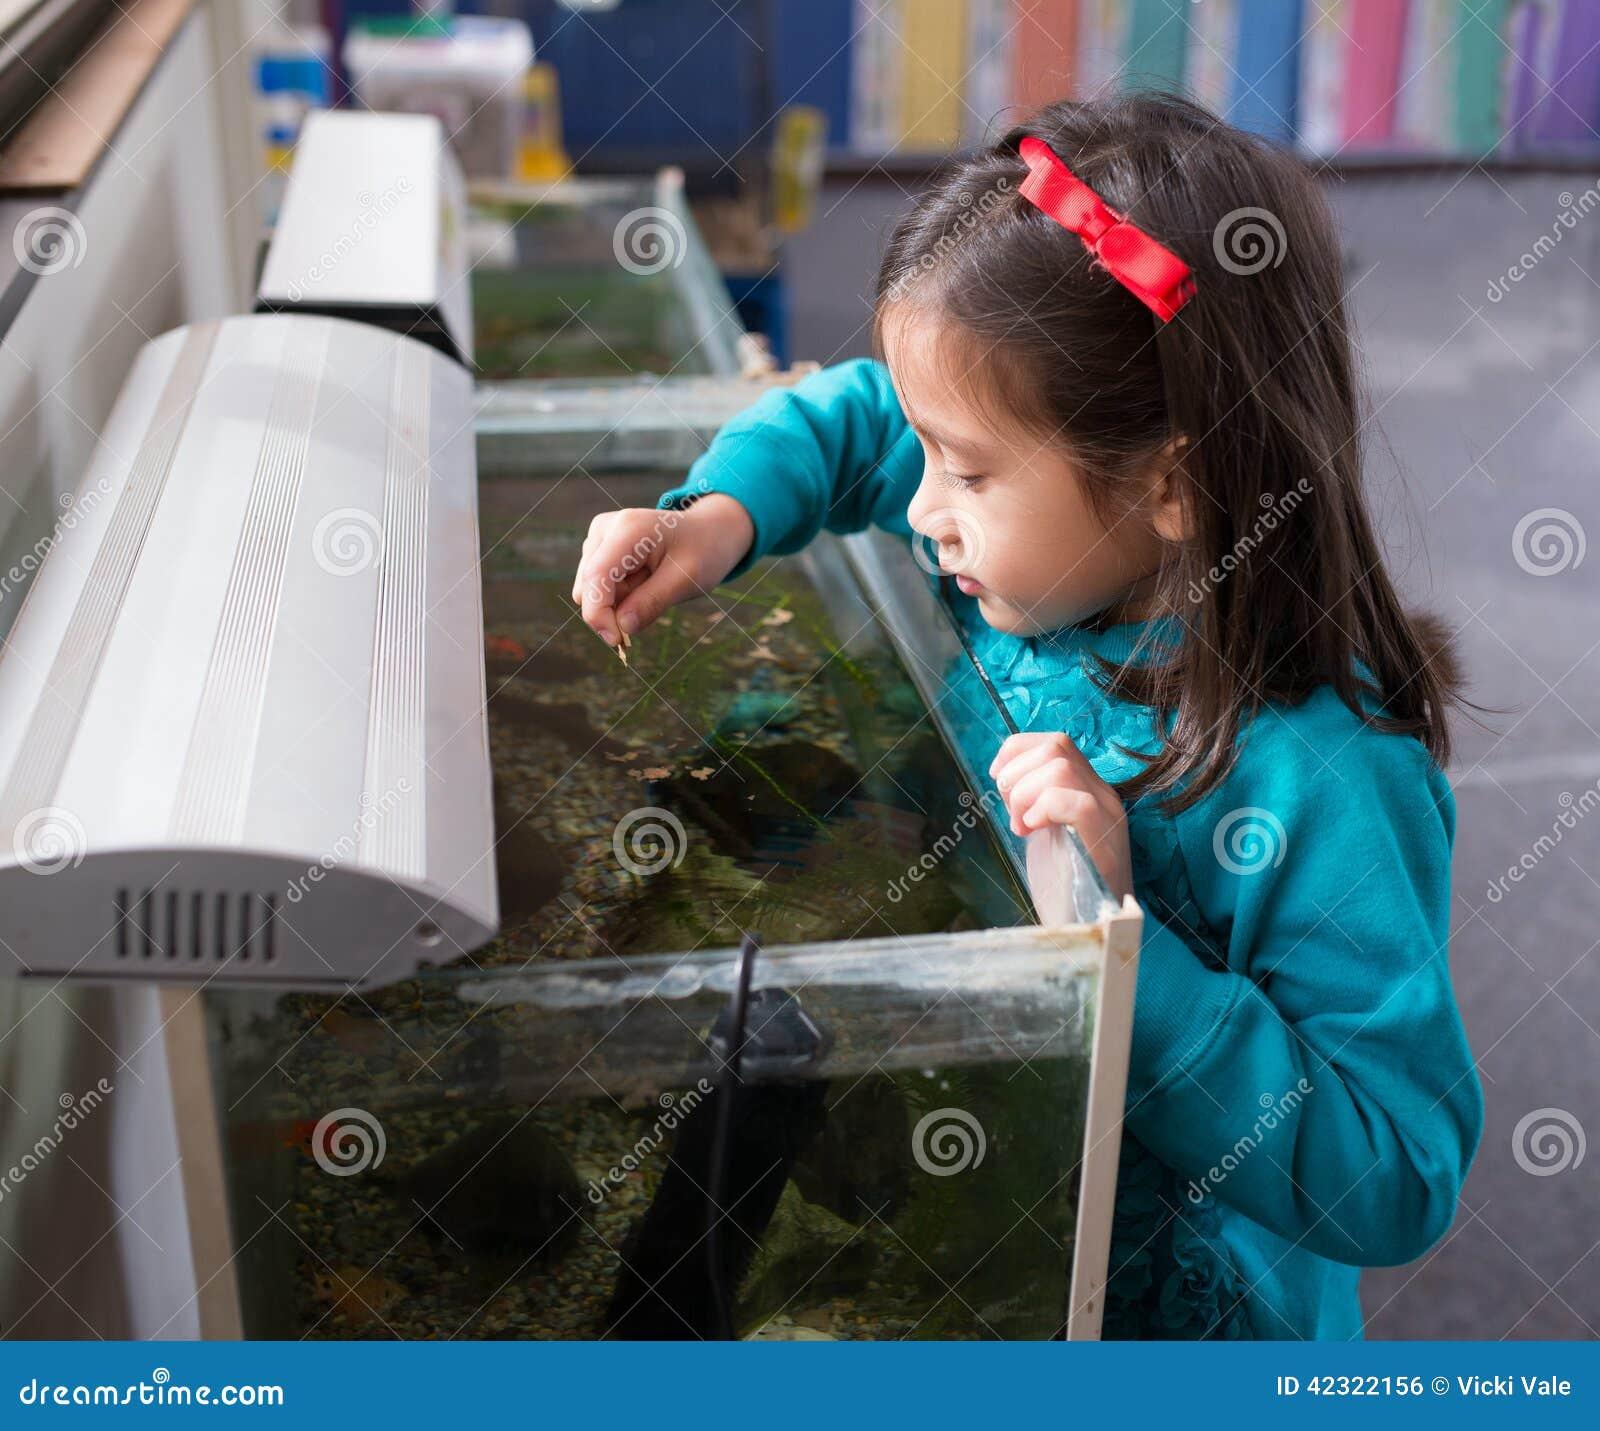 Girls fishnet asian